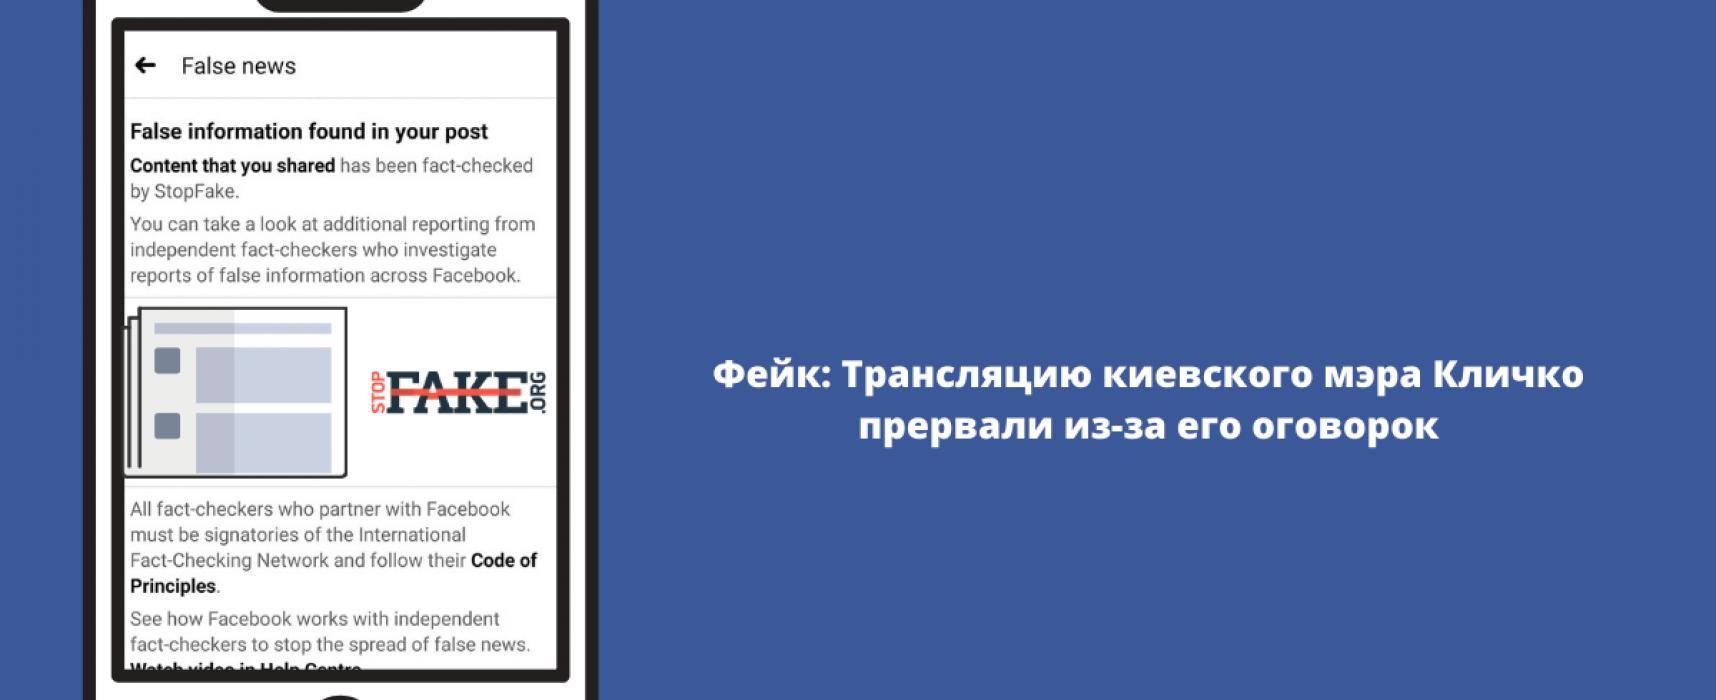 Фейк: Трансляцию киевского мэра Кличко прервали из-за его оговорок